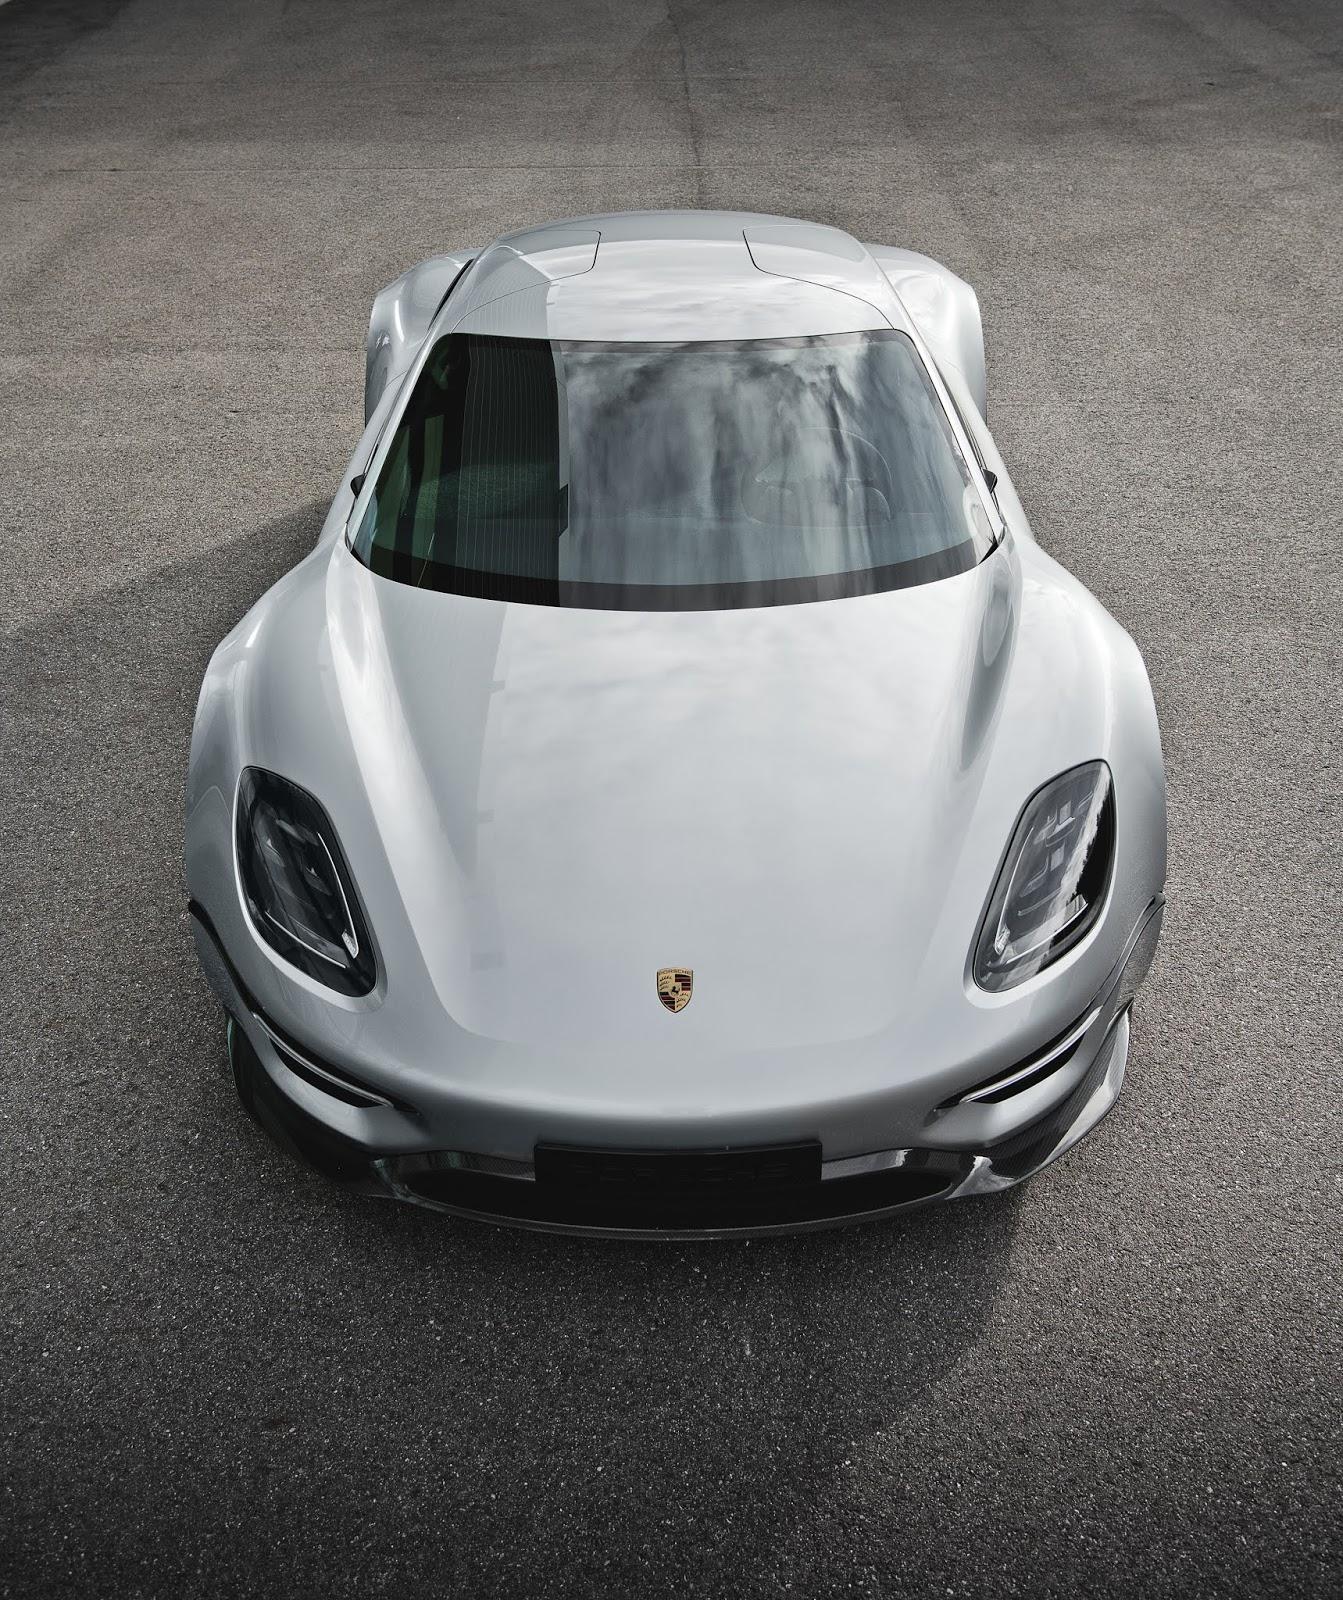 CUR7286 Η 904 Living Legend, που μας πήρε τα μυαλά Little Rebels, Porsche, Porsche 904 Living Legend, Porsche Unseen, supercar, supercars, zblog, ειδήσεις